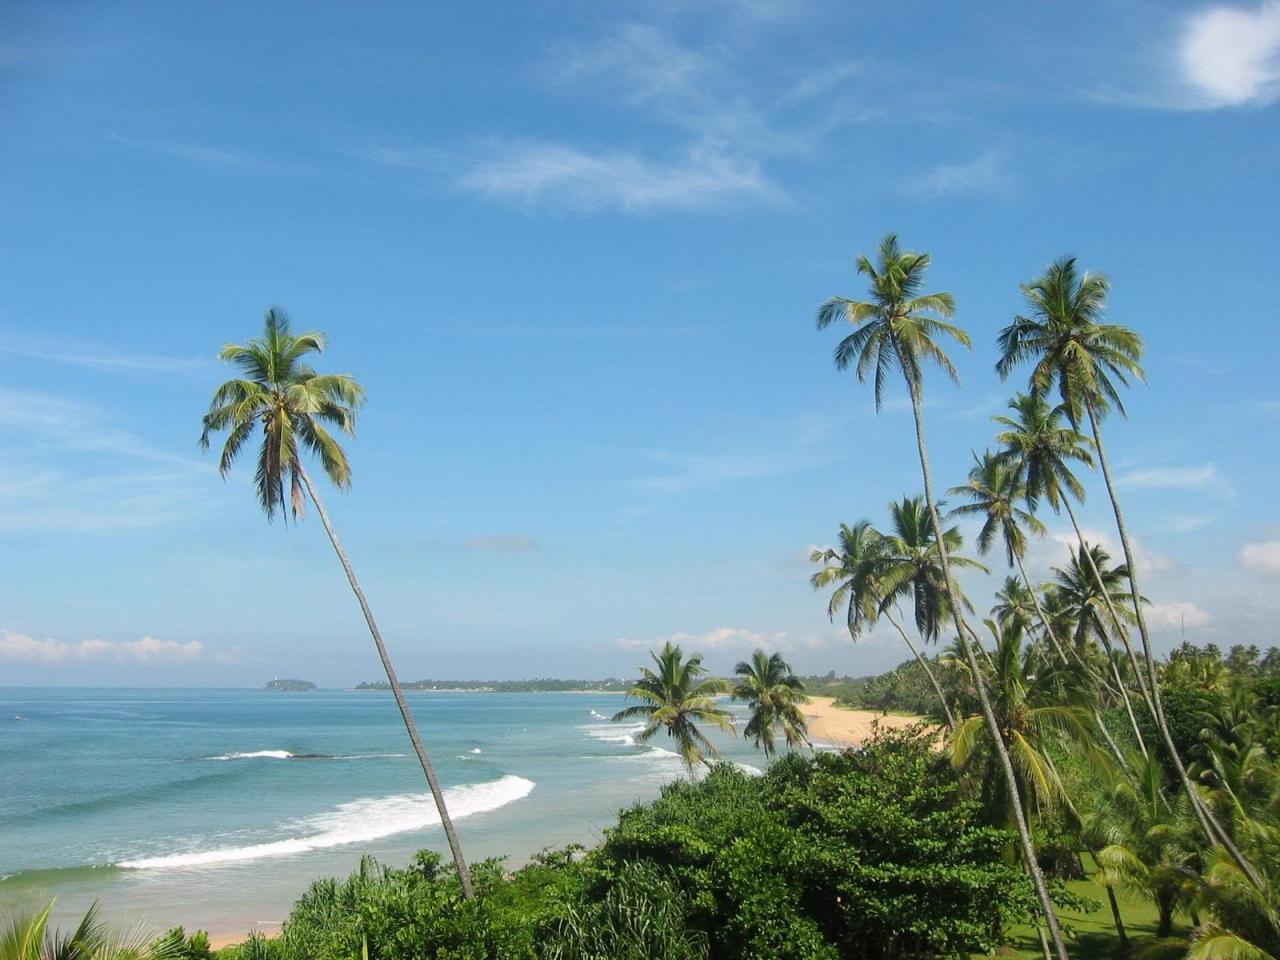 بالصور السياحة في سريلانكا بالصور , اجمل المناطق للتنزهة 5891 9